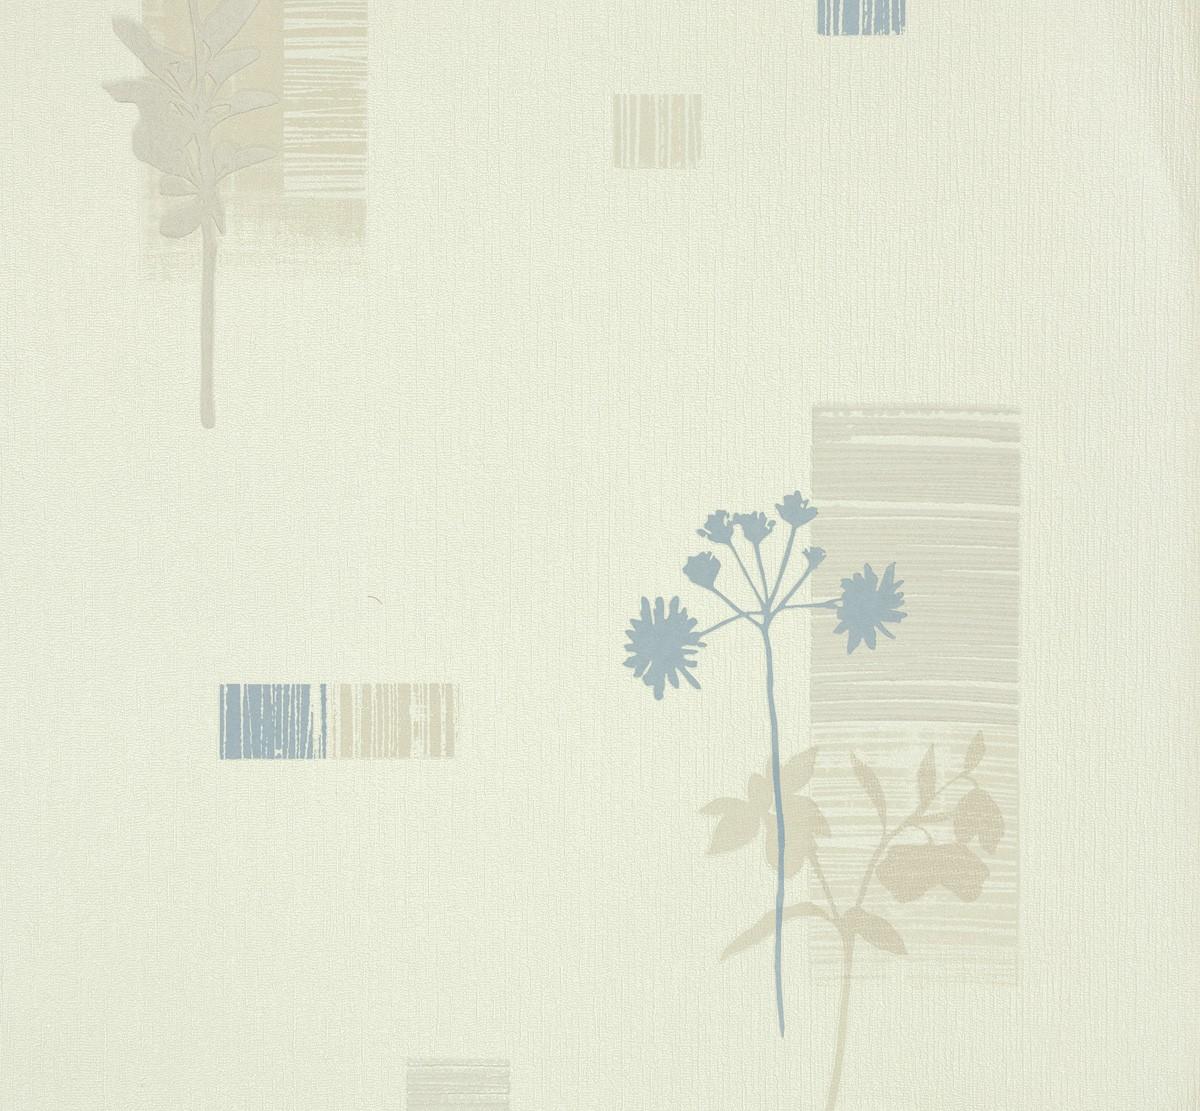 Tapete AS Creation Bahamas 95622-2 956222 floral weiß blau ...